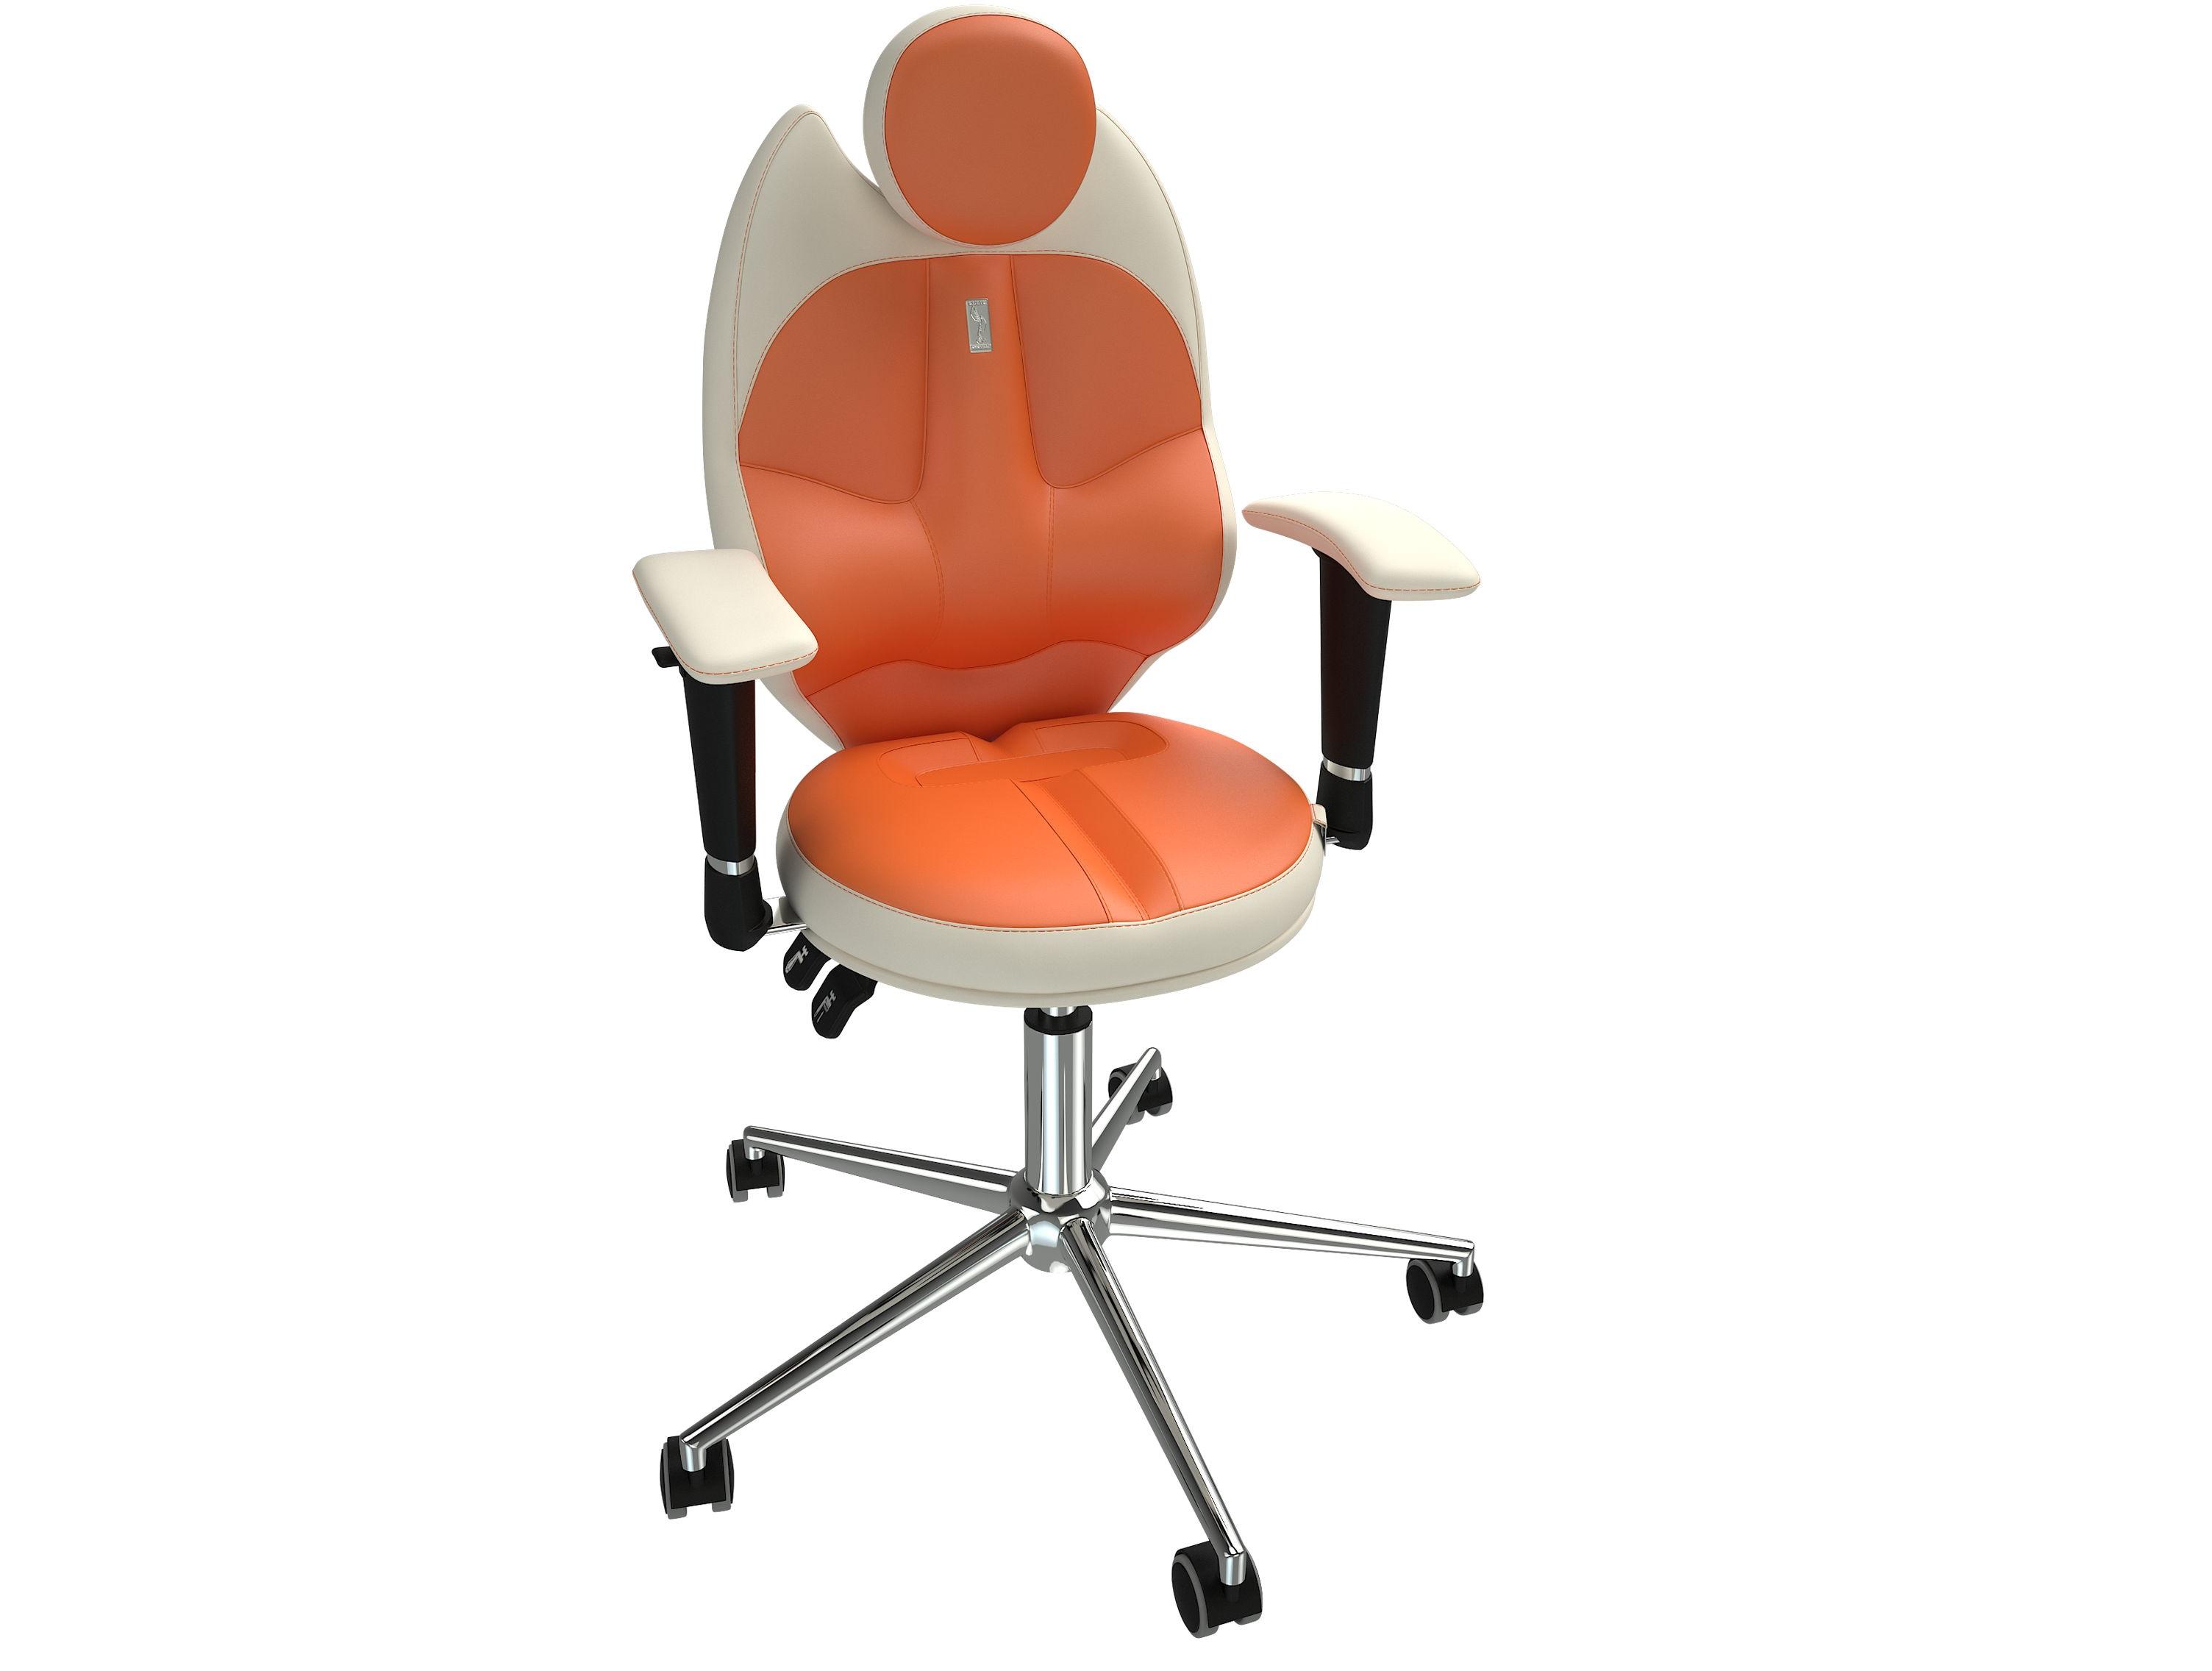 Кресло TRIOРабочие кресла<br>&amp;lt;div&amp;gt;Благодаря своему яркому дизайну, оригинальной форме и мягкости это кресло понравится любому ребенку. Однажды сев в такое кресло, ваше чадо, уже не захочет с него вставать. К тому же, кресло Trio имеет особую эргономичную форму, которая способна сохранять правильную осанку ребенка и устранить детские заболевания позвоночника.&amp;amp;nbsp;&amp;lt;/div&amp;gt;&amp;lt;div&amp;gt;&amp;lt;br&amp;gt;&amp;lt;/div&amp;gt;&amp;lt;div&amp;gt;Дополнительная комплектация:&amp;amp;nbsp;&amp;lt;/div&amp;gt;&amp;lt;div&amp;gt;Перфорация на коже, заказ в другом материале (натуральная кожа, экокожа, азур, антара) и цвете из палитры образцов, комбинация DUO COLOR.&amp;amp;nbsp;&amp;lt;/div&amp;gt;&amp;lt;div&amp;gt;Информацию по стоимости уточняйте у менеджера.&amp;lt;/div&amp;gt;<br>&amp;lt;br&amp;gt;<br>&amp;lt;iframe width=&amp;quot;500&amp;quot; height=&amp;quot;320&amp;quot; src=&amp;quot;https://www.youtube.com/embed/6koG4IB7DW4&amp;quot; frameborder=&amp;quot;0&amp;quot; allowfullscreen=&amp;quot;&amp;quot;&amp;gt;&amp;lt;/iframe&amp;gt;<br>&amp;lt;br&amp;gt;<br>&amp;lt;iframe width=&amp;quot;500&amp;quot; height=&amp;quot;320&amp;quot; src=&amp;quot;https://www.youtube.com/embed/99WAtfUHlt0&amp;quot; frameborder=&amp;quot;0&amp;quot; allowfullscreen=&amp;quot;&amp;quot;&amp;gt;&amp;lt;/iframe&amp;gt;<br><br>Material: Кожа<br>Ширина см: 62.0<br>Высота см: 117.0<br>Глубина см: 46.0